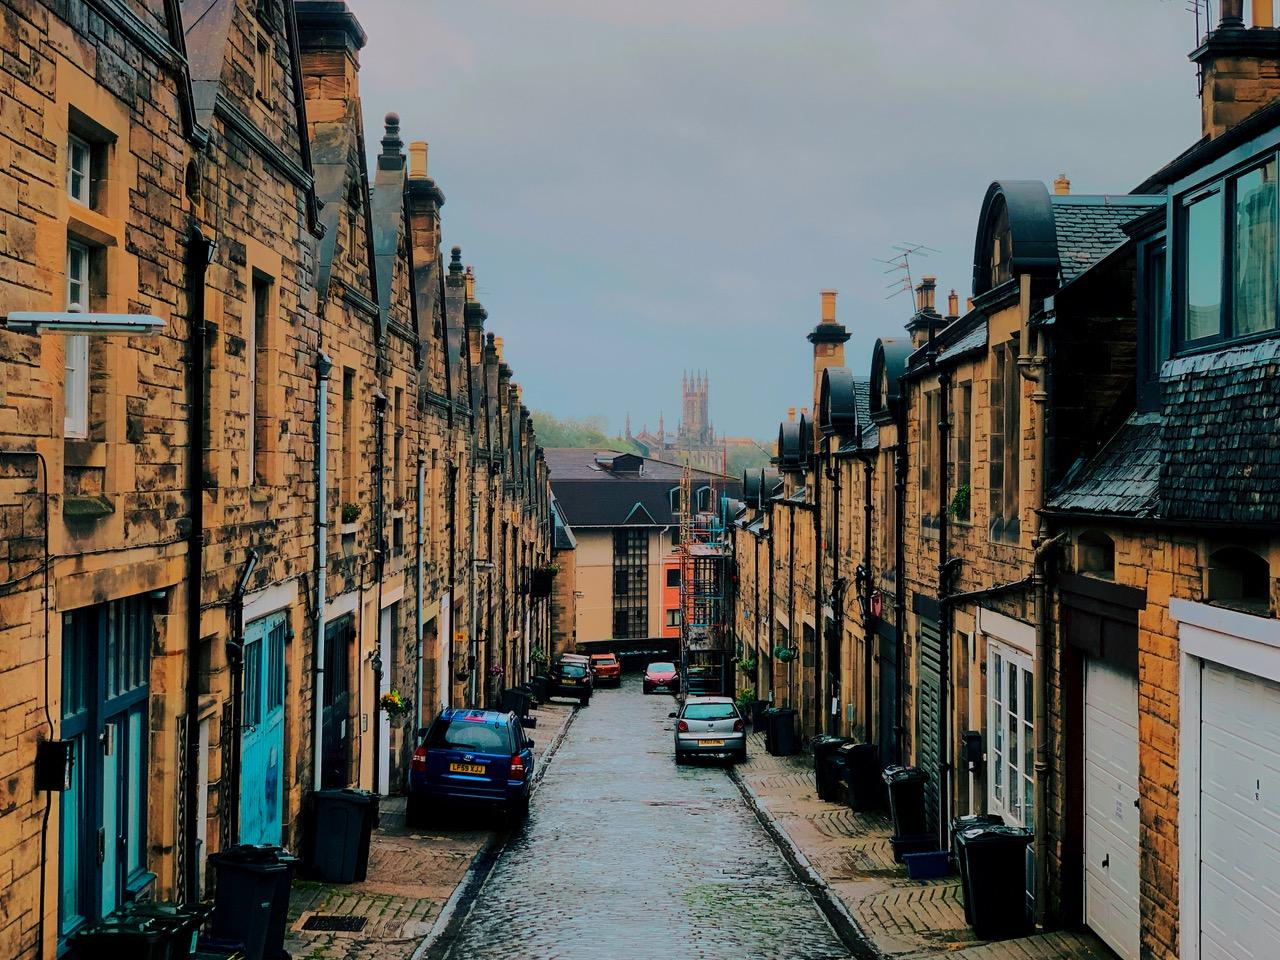 イギリス スコットランドの街並み